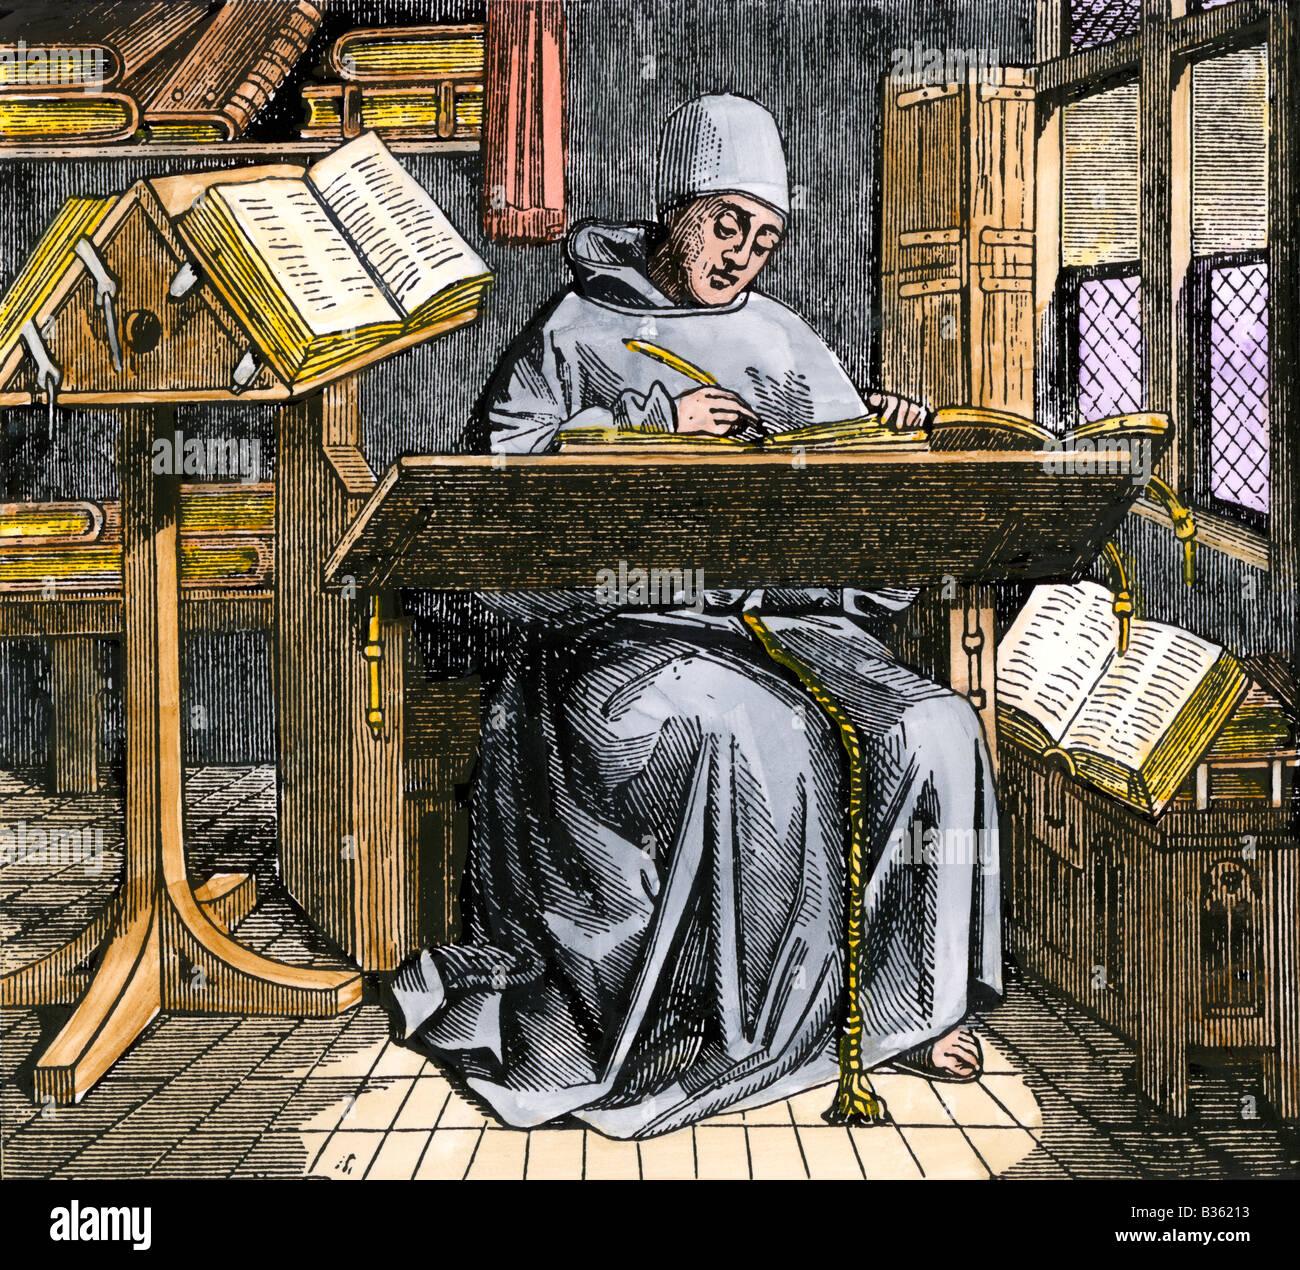 Mittelalterlichen Schreiber schreiben am Schreibtisch durch offene Manuskripte umgeben. Hand - farbige Holzschnitt Stockbild